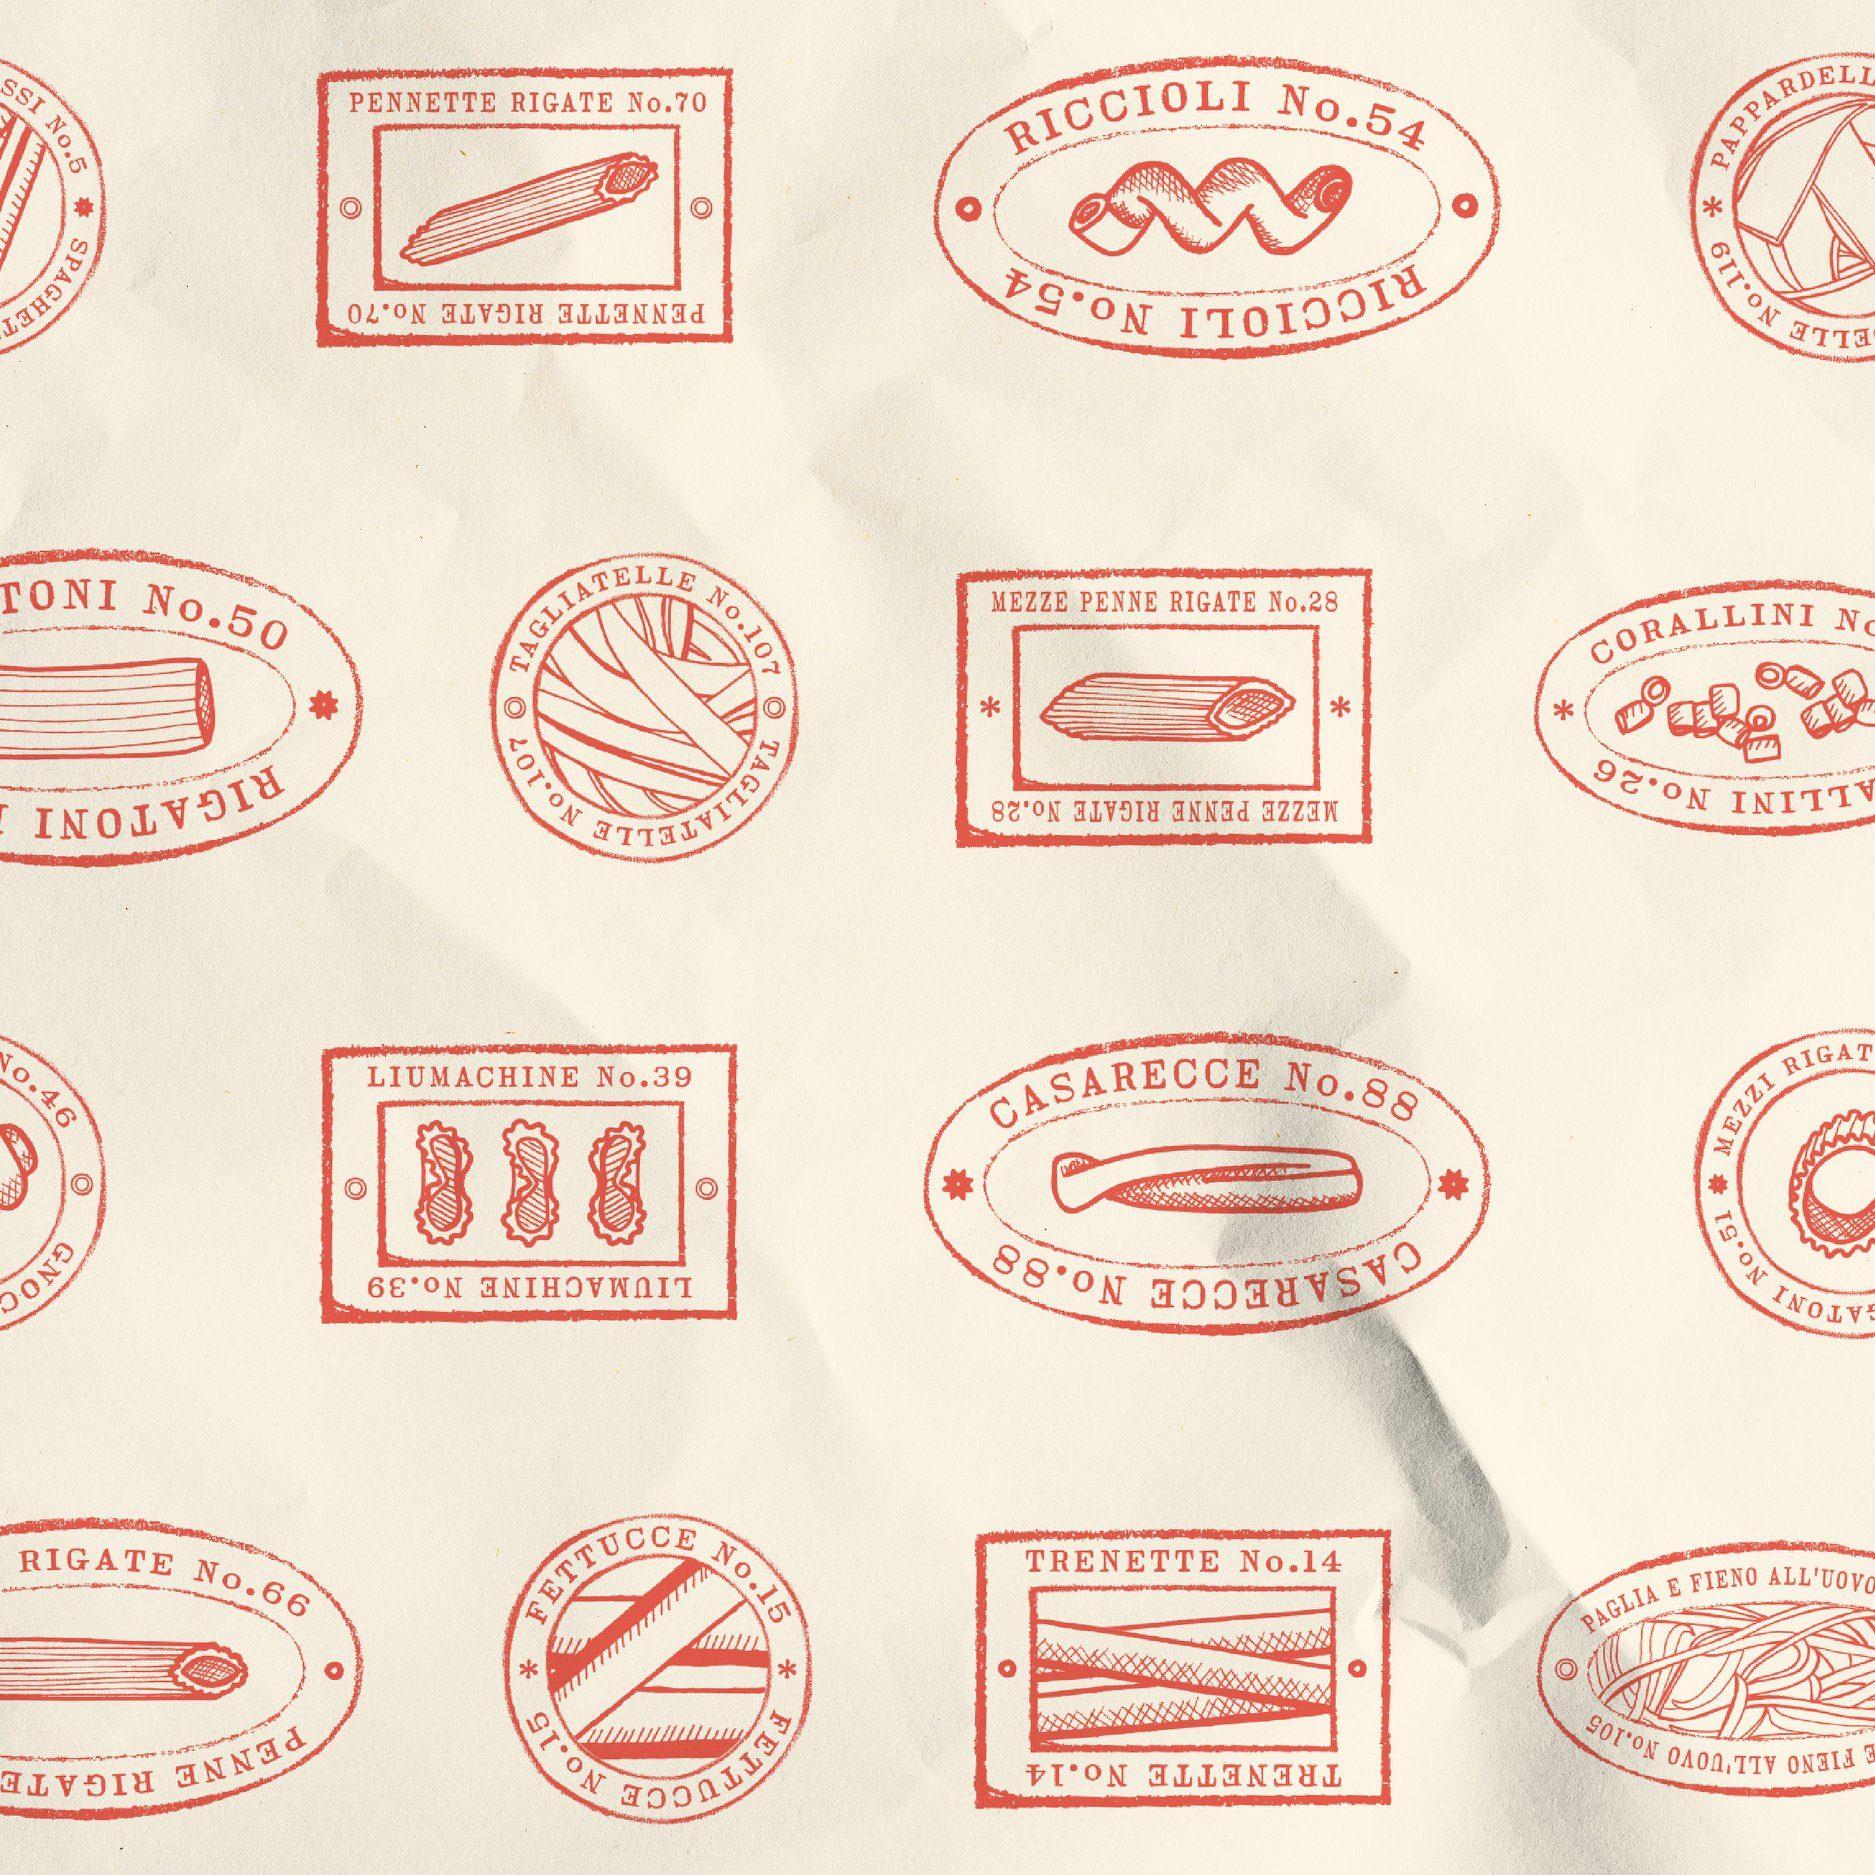 Pasta, biscotti, gelati: le aziende del food sempre più verso i packaging sostenibili